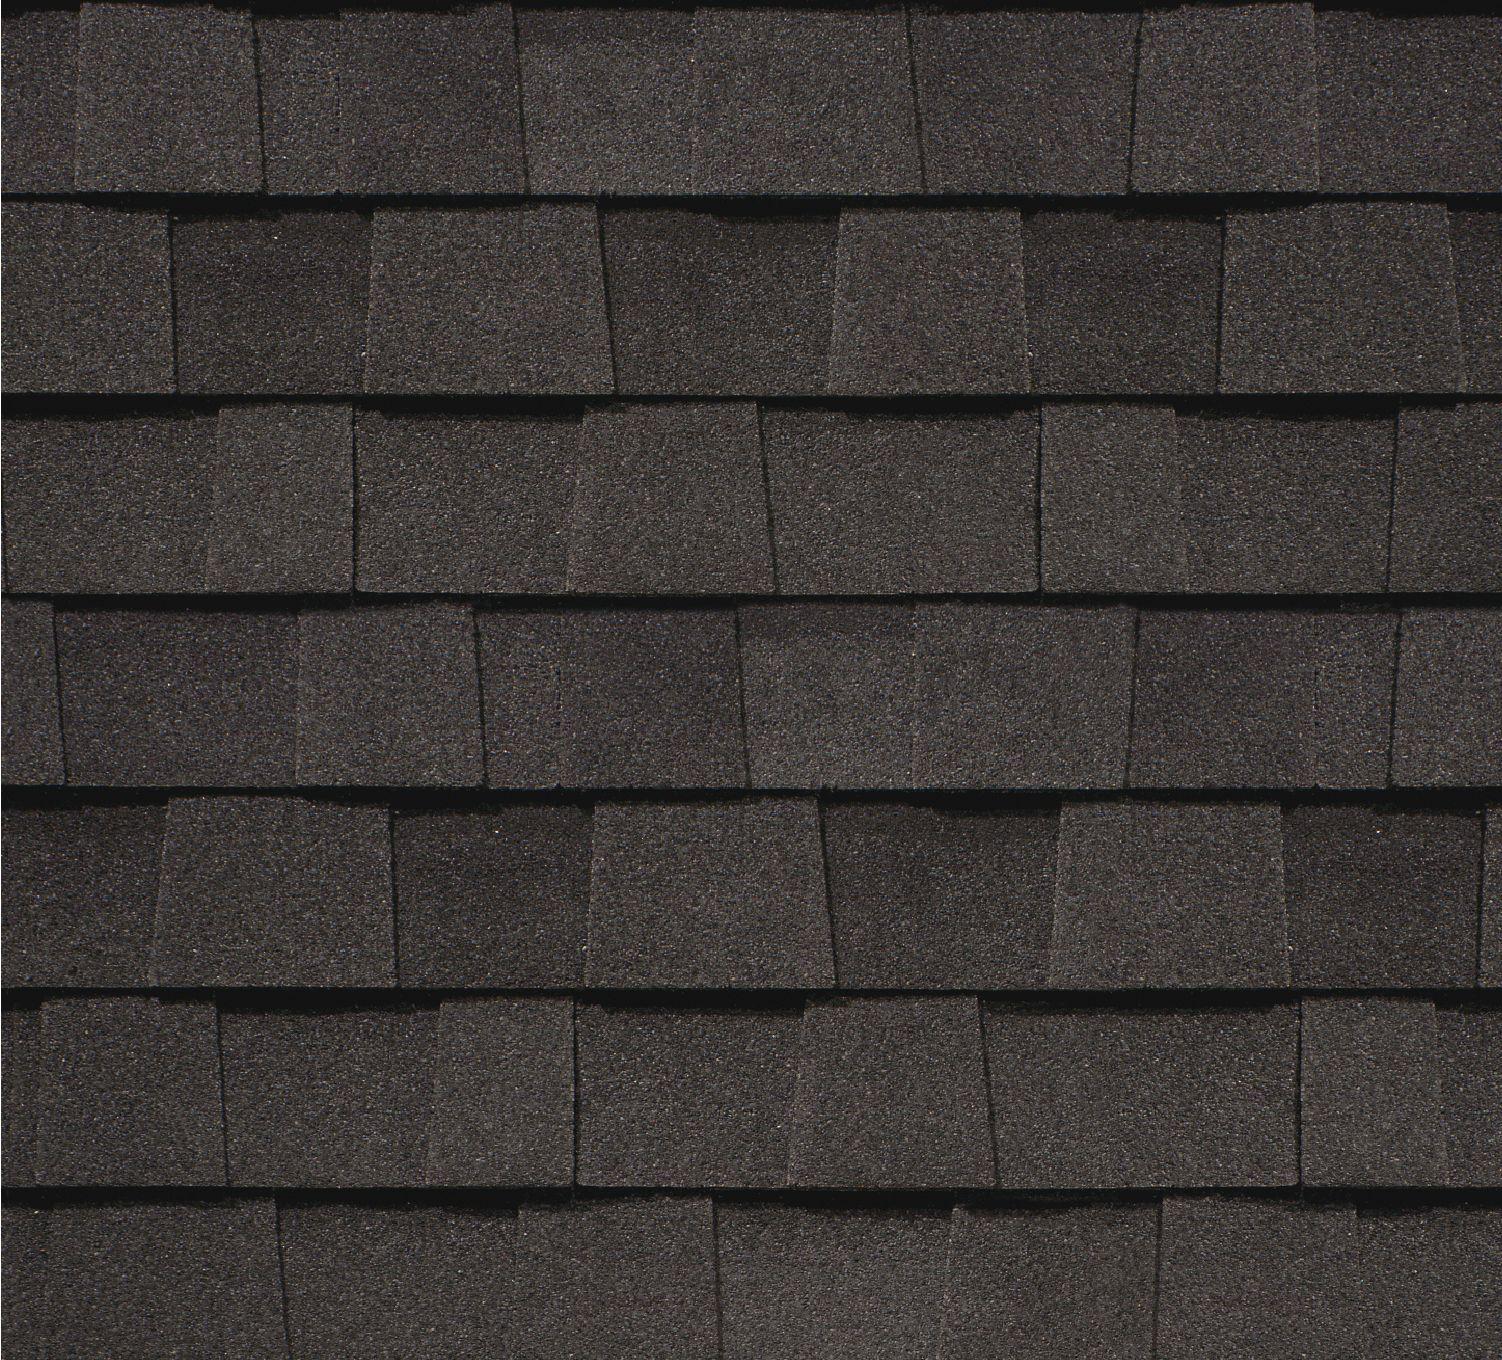 Tamko Heritage Series Classic Rustic Black Frederick Jpg 1 502 1 360 Pixels Metal Roof